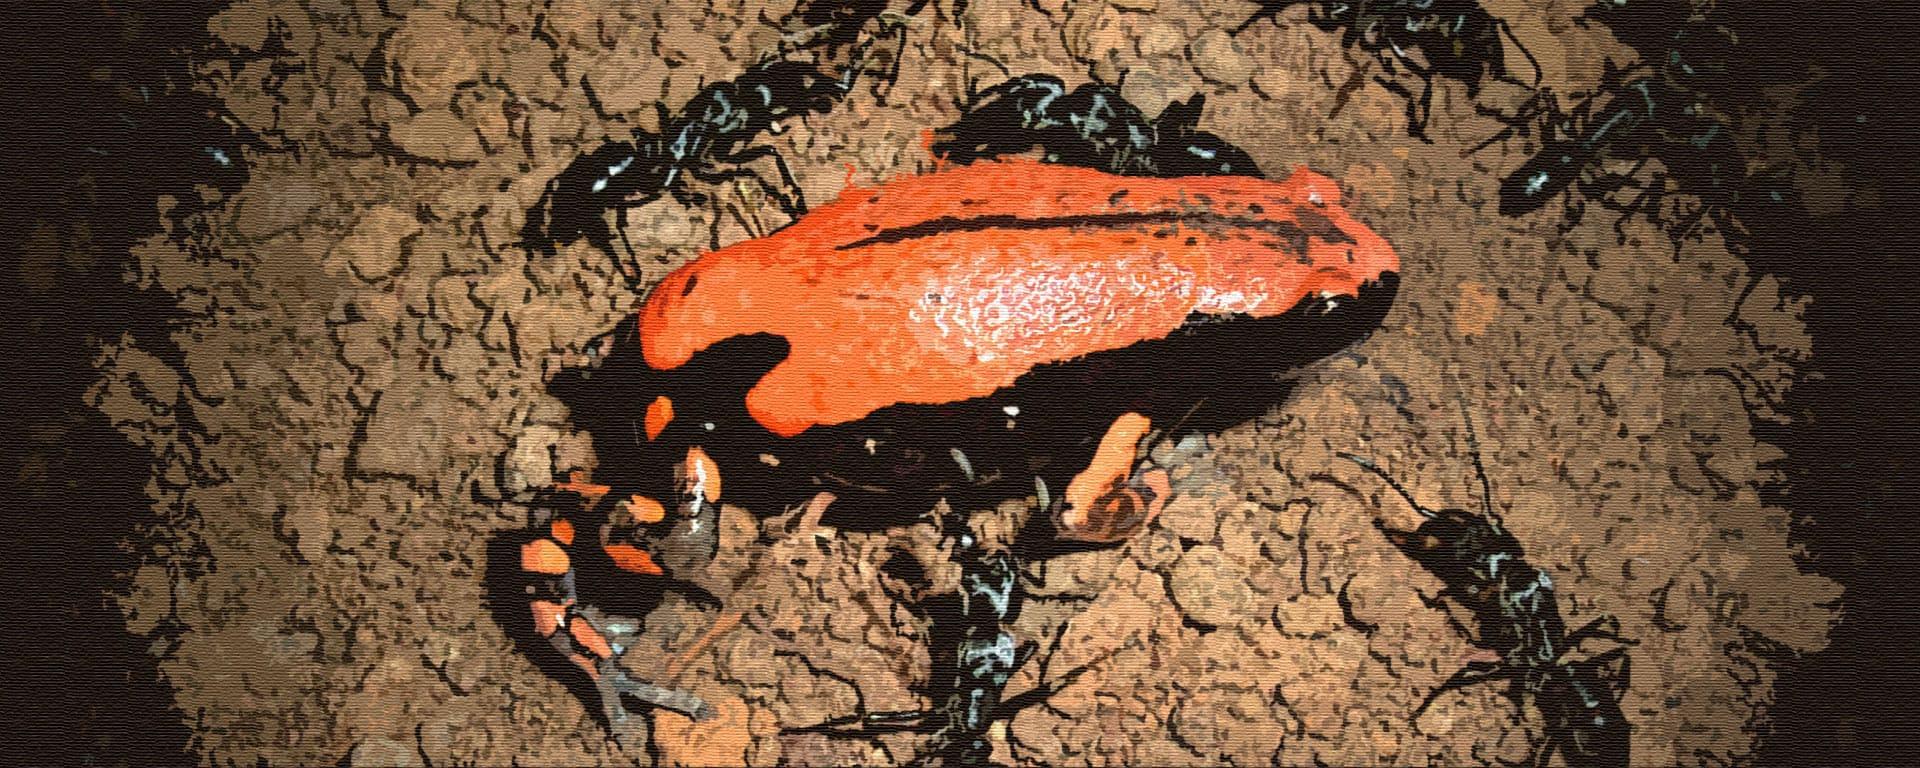 Лягушка и муравьи